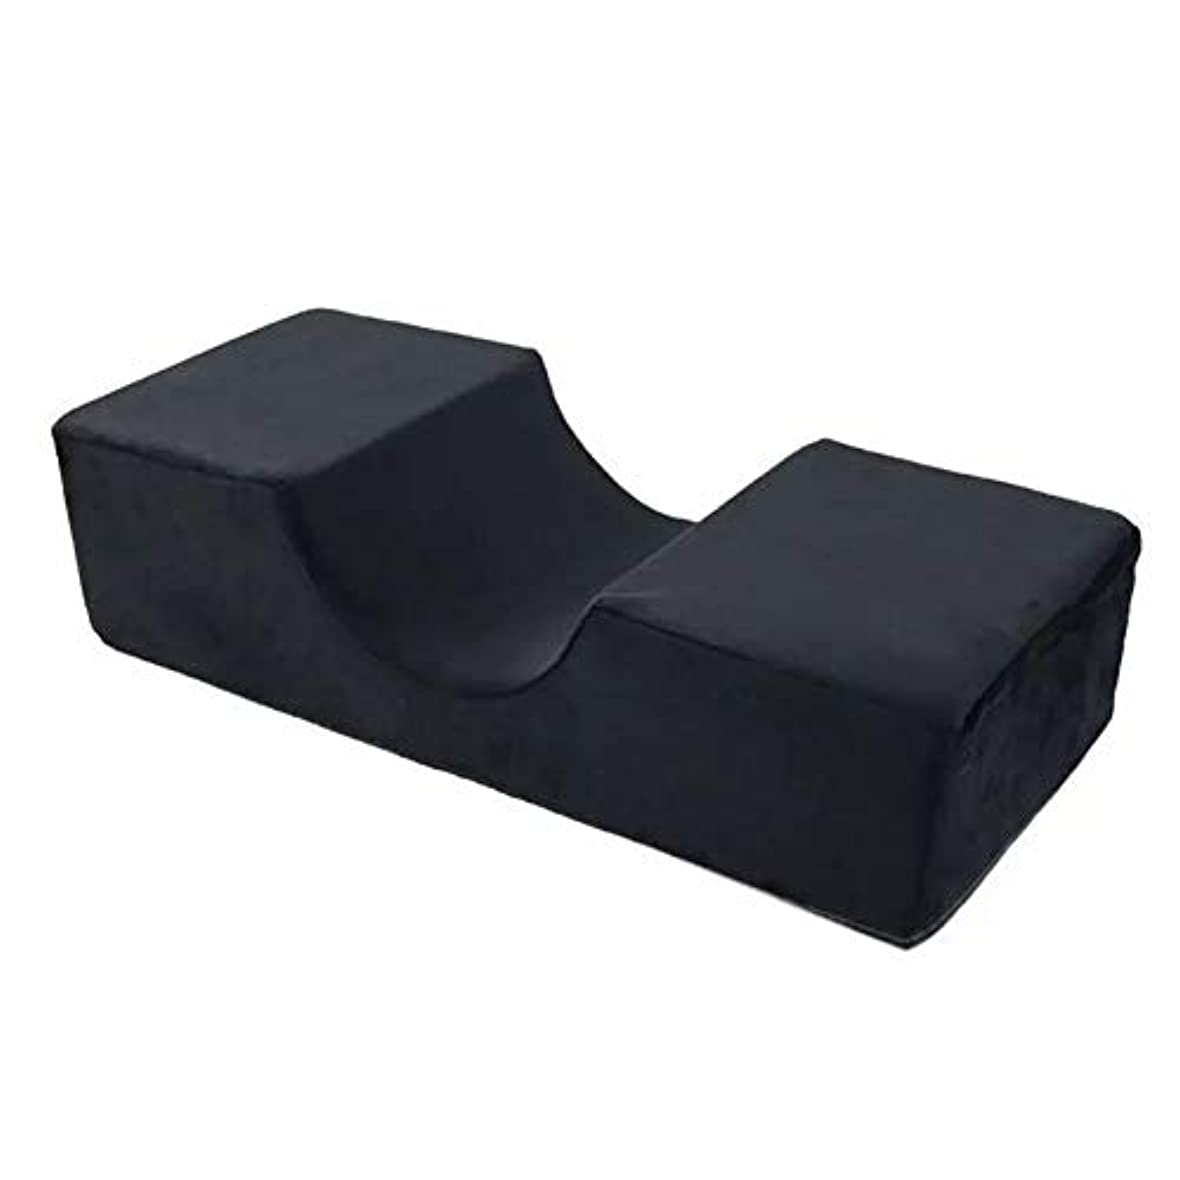 美容院枕 ラーラッシュ エクステンションピロー フランネル 人間工学 マッサージ枕 低反発フォーム製 安全無毒 凹型 黒 50 * 20 * 12 cm